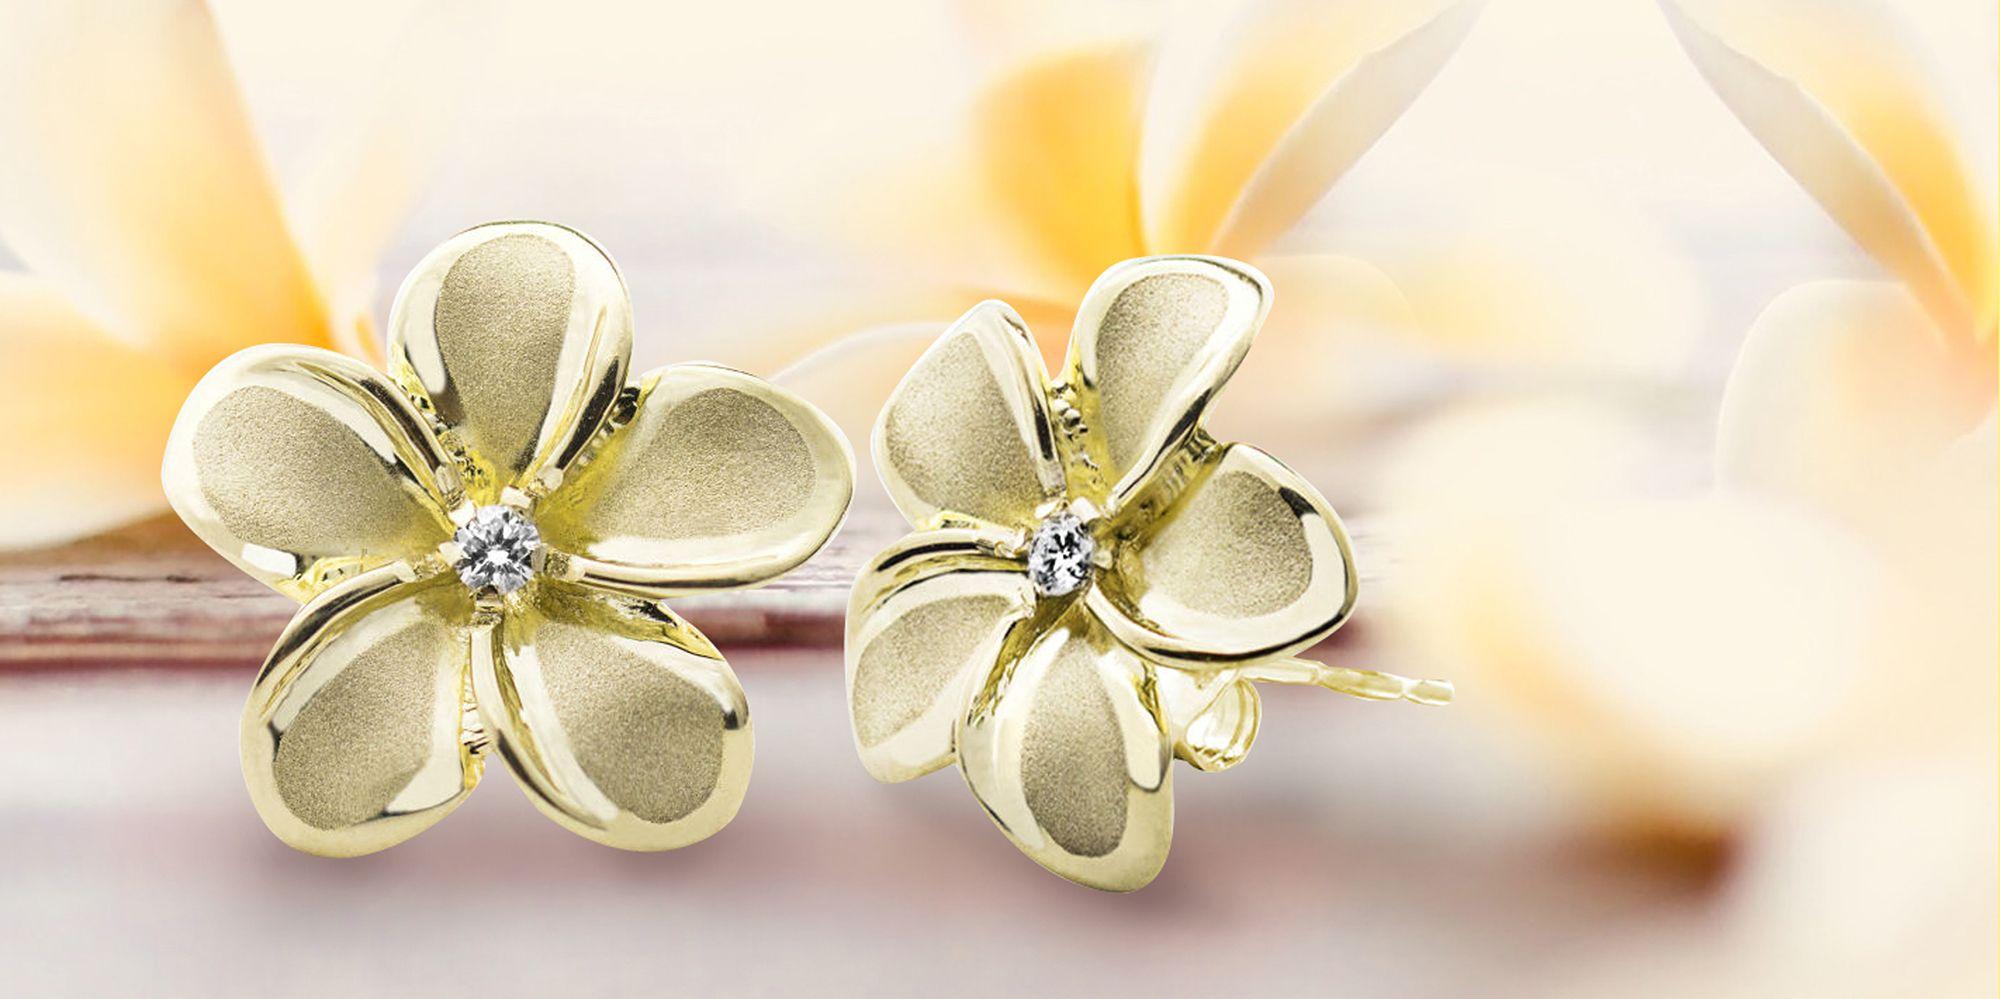 dfd2d004d49d7 Honolulu Jewelry Plumeria Flower Earrings with Diamonds